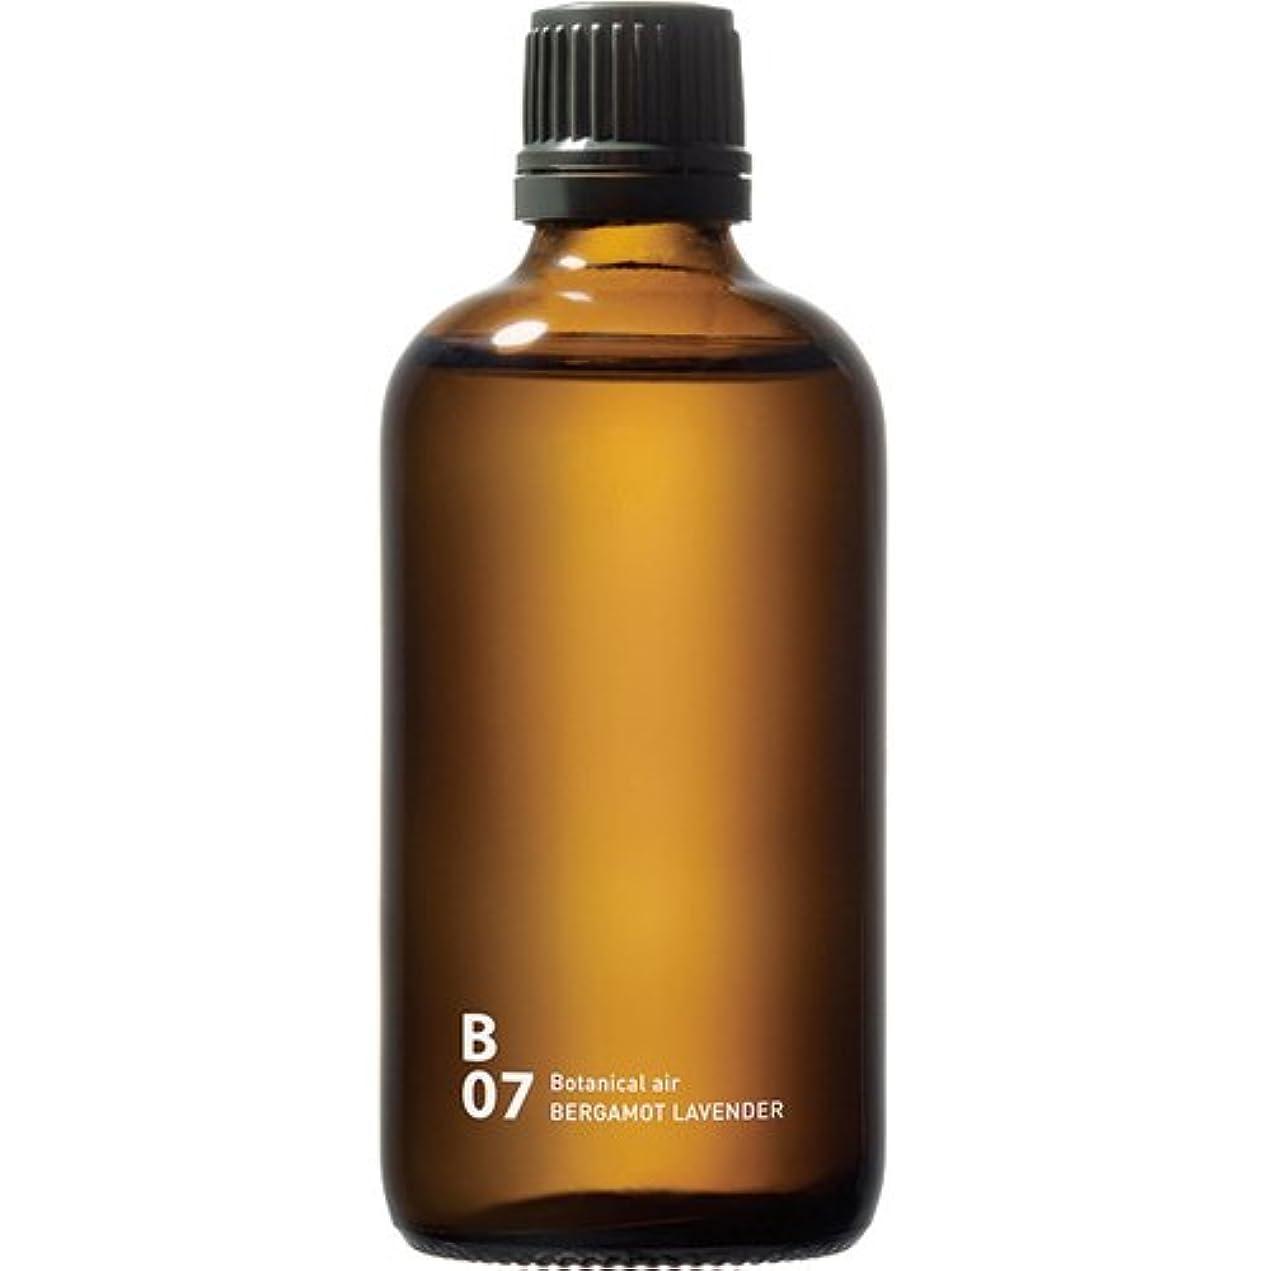 カールガラガラ価値B07 BERGAMOT LAVENDER piezo aroma oil 100ml